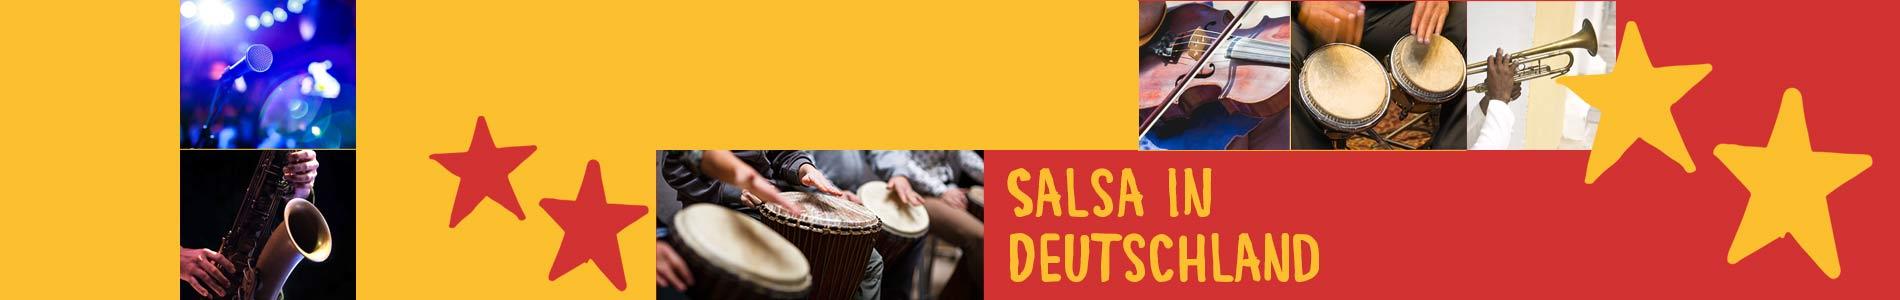 Salsa in Brachbach – Salsa lernen und tanzen, Tanzkurse, Partys, Veranstaltungen